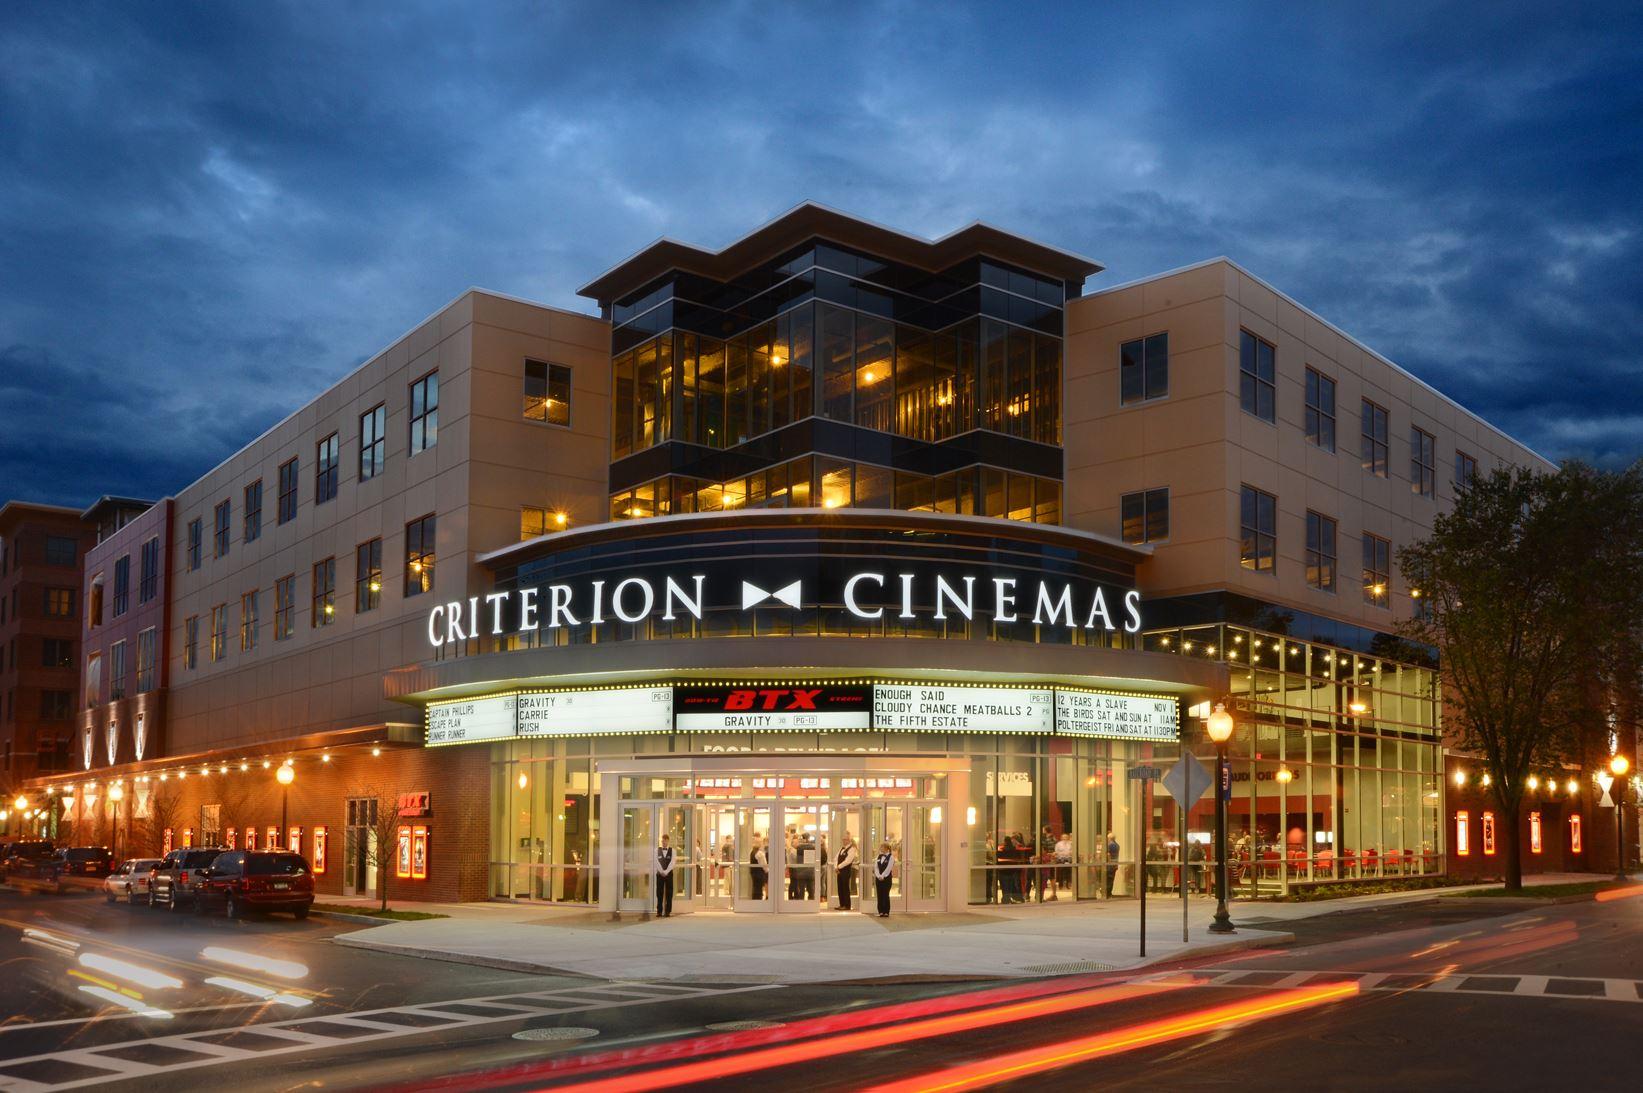 Bowtie Criterion Cinemas - Bonacio Construction